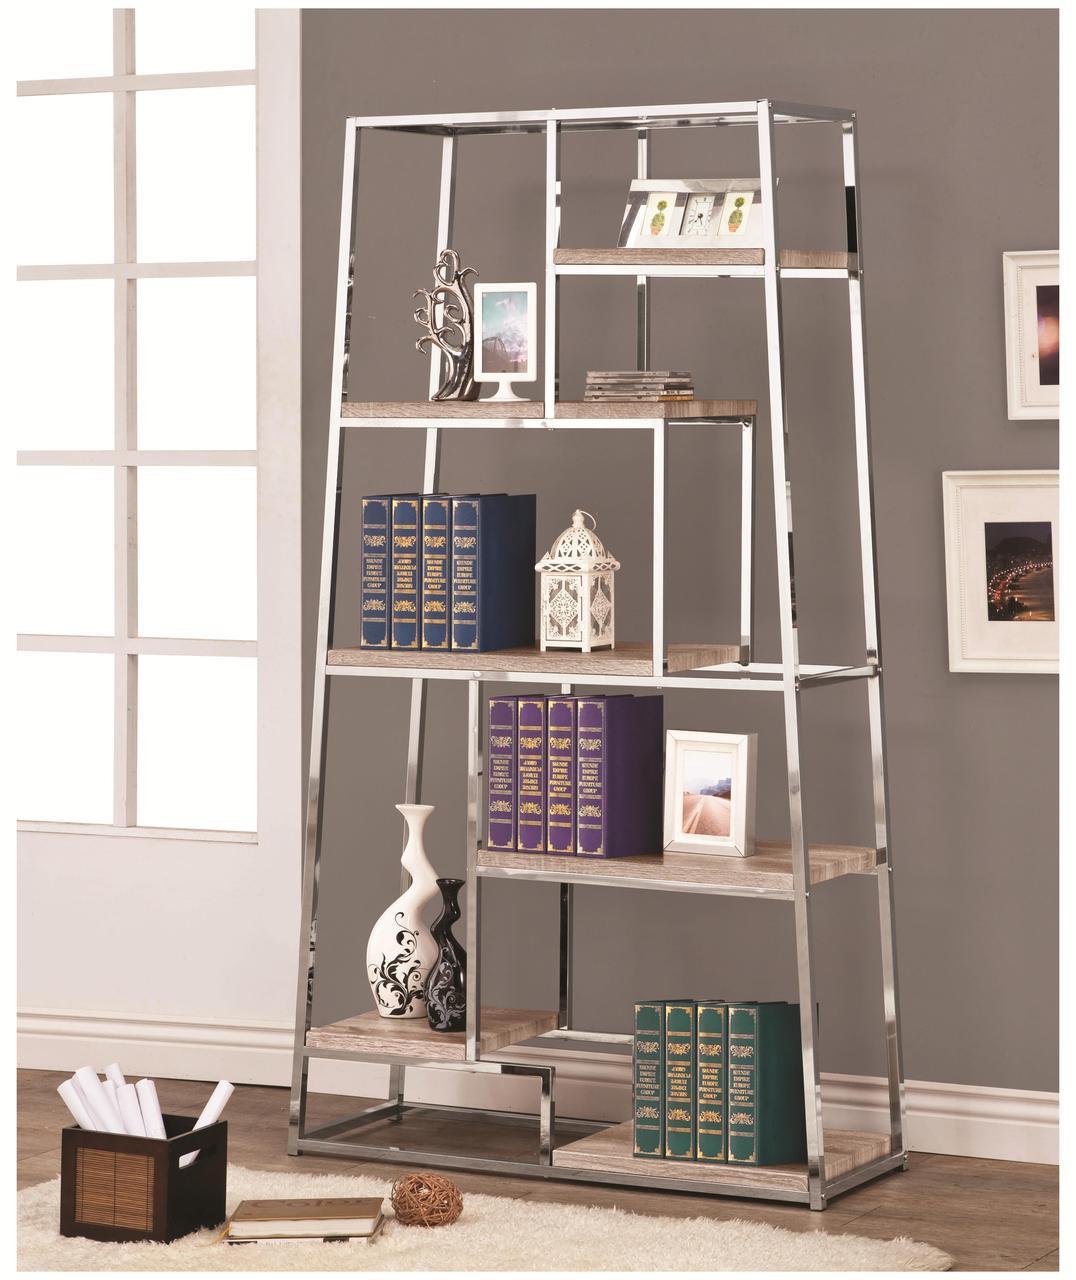 Denza Contemporary Chrome Bookshelf